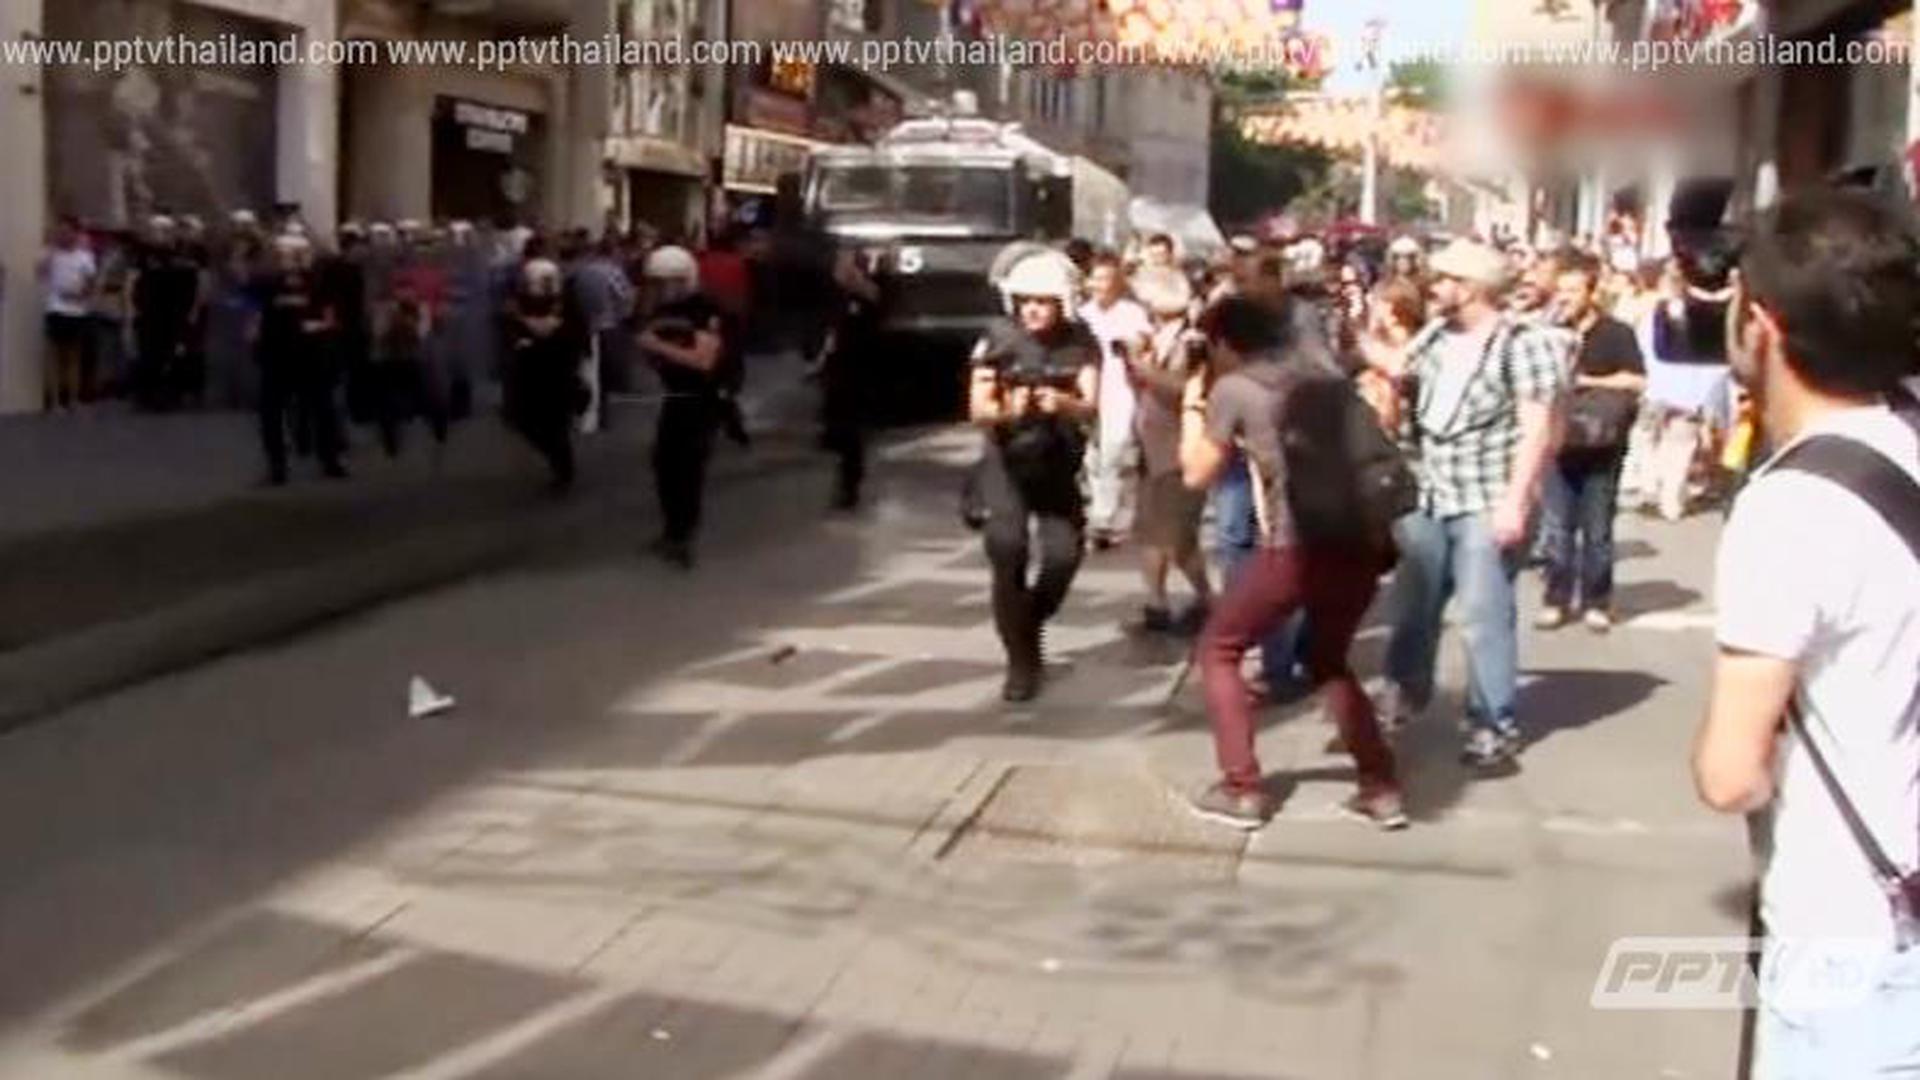 ตำรวจตุรกีสลายการชุมนุมพาเหรดรักร่วมเพศ